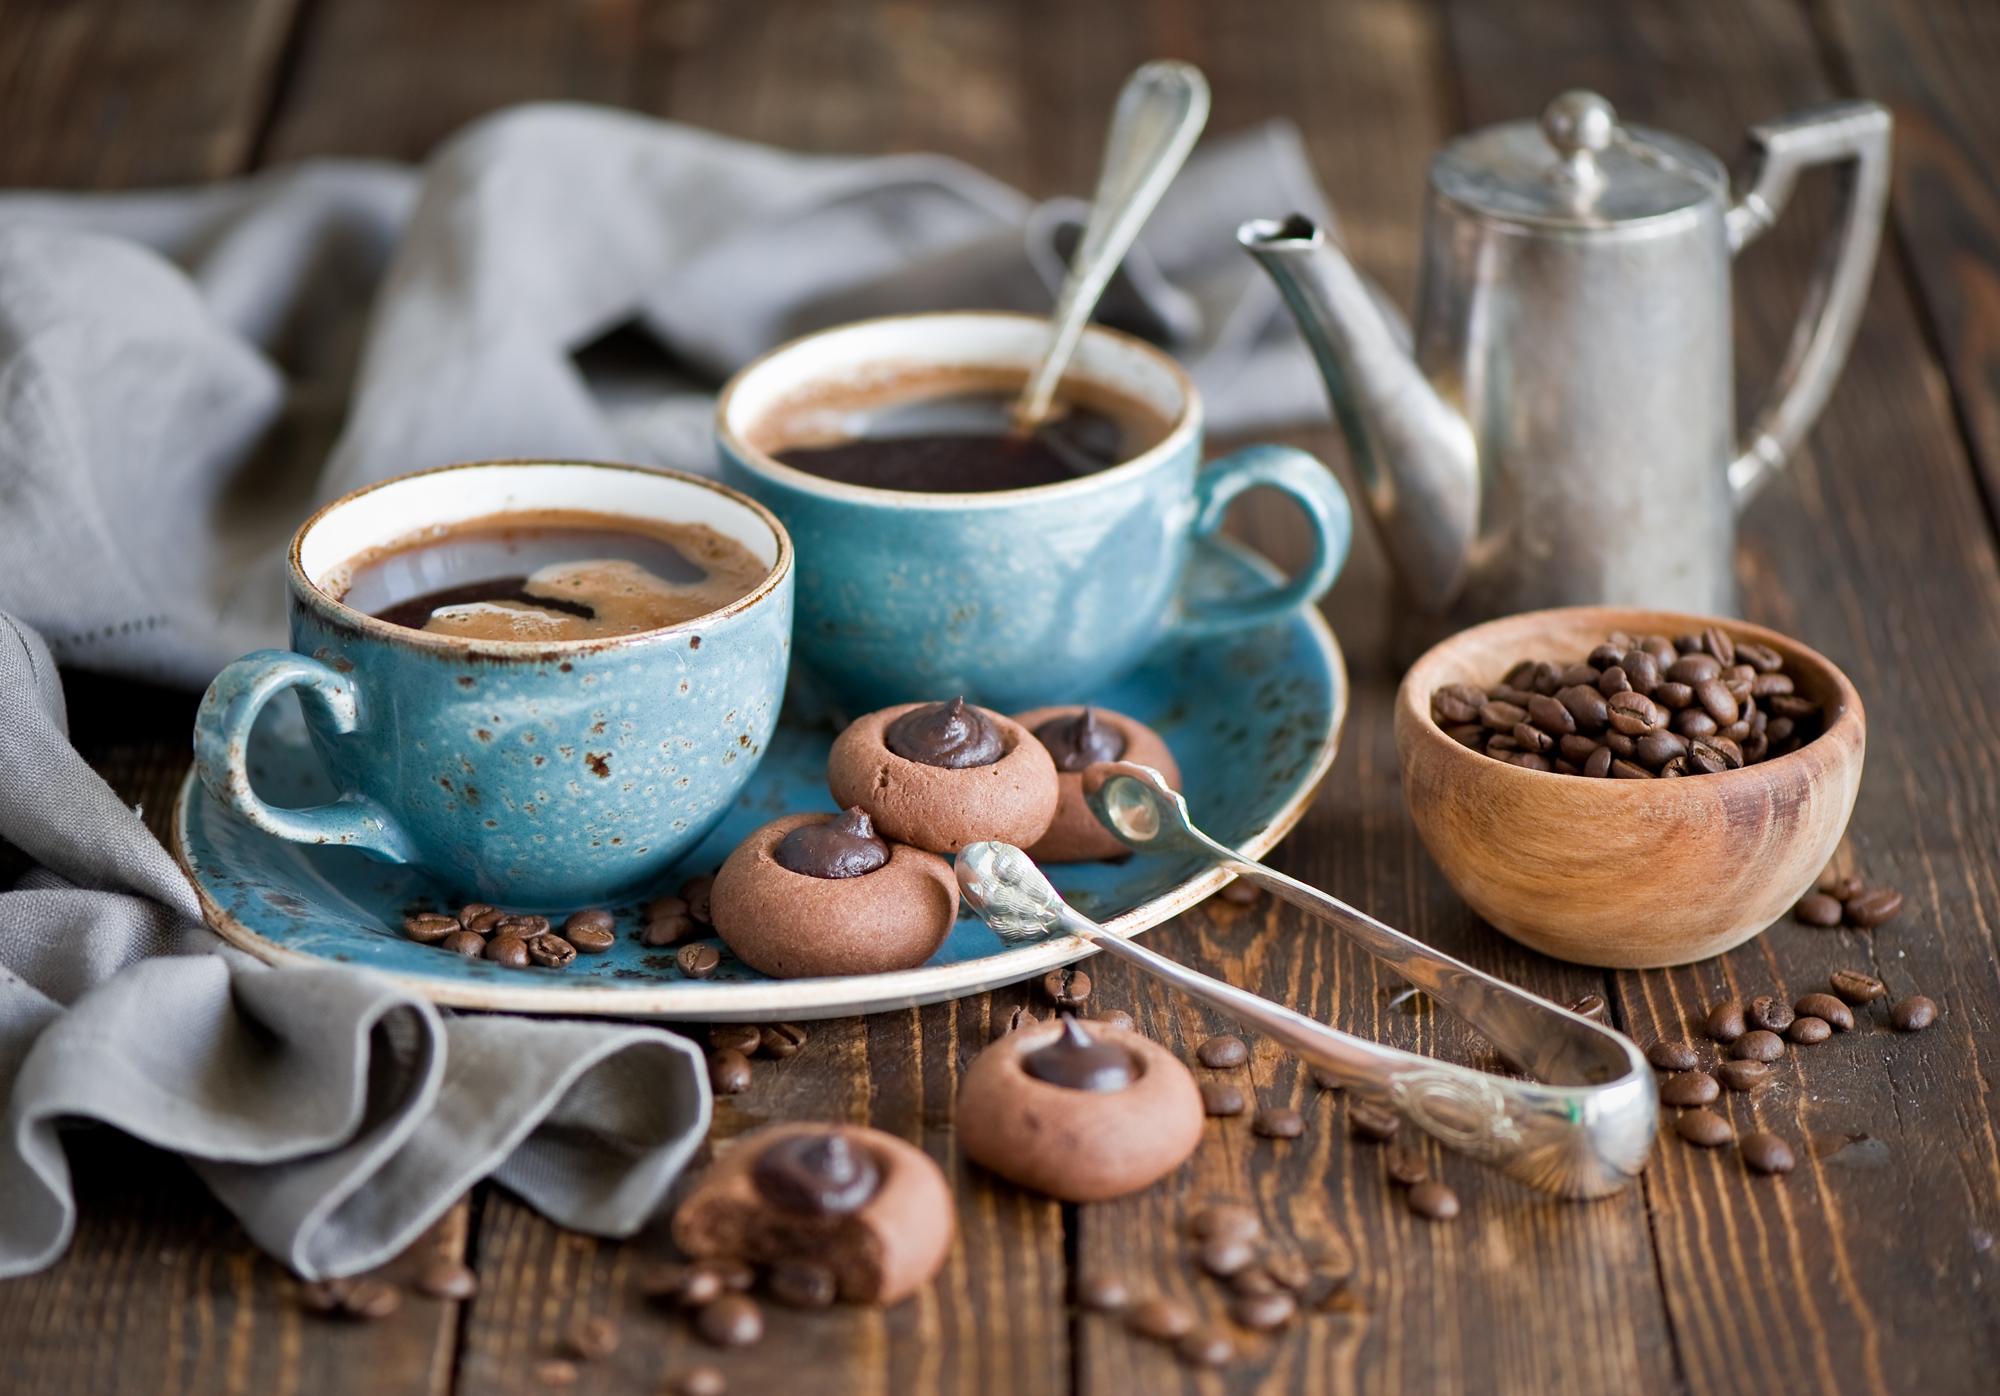 существенную две чашки кофе и кофейник картинки шуточные поздравления днем